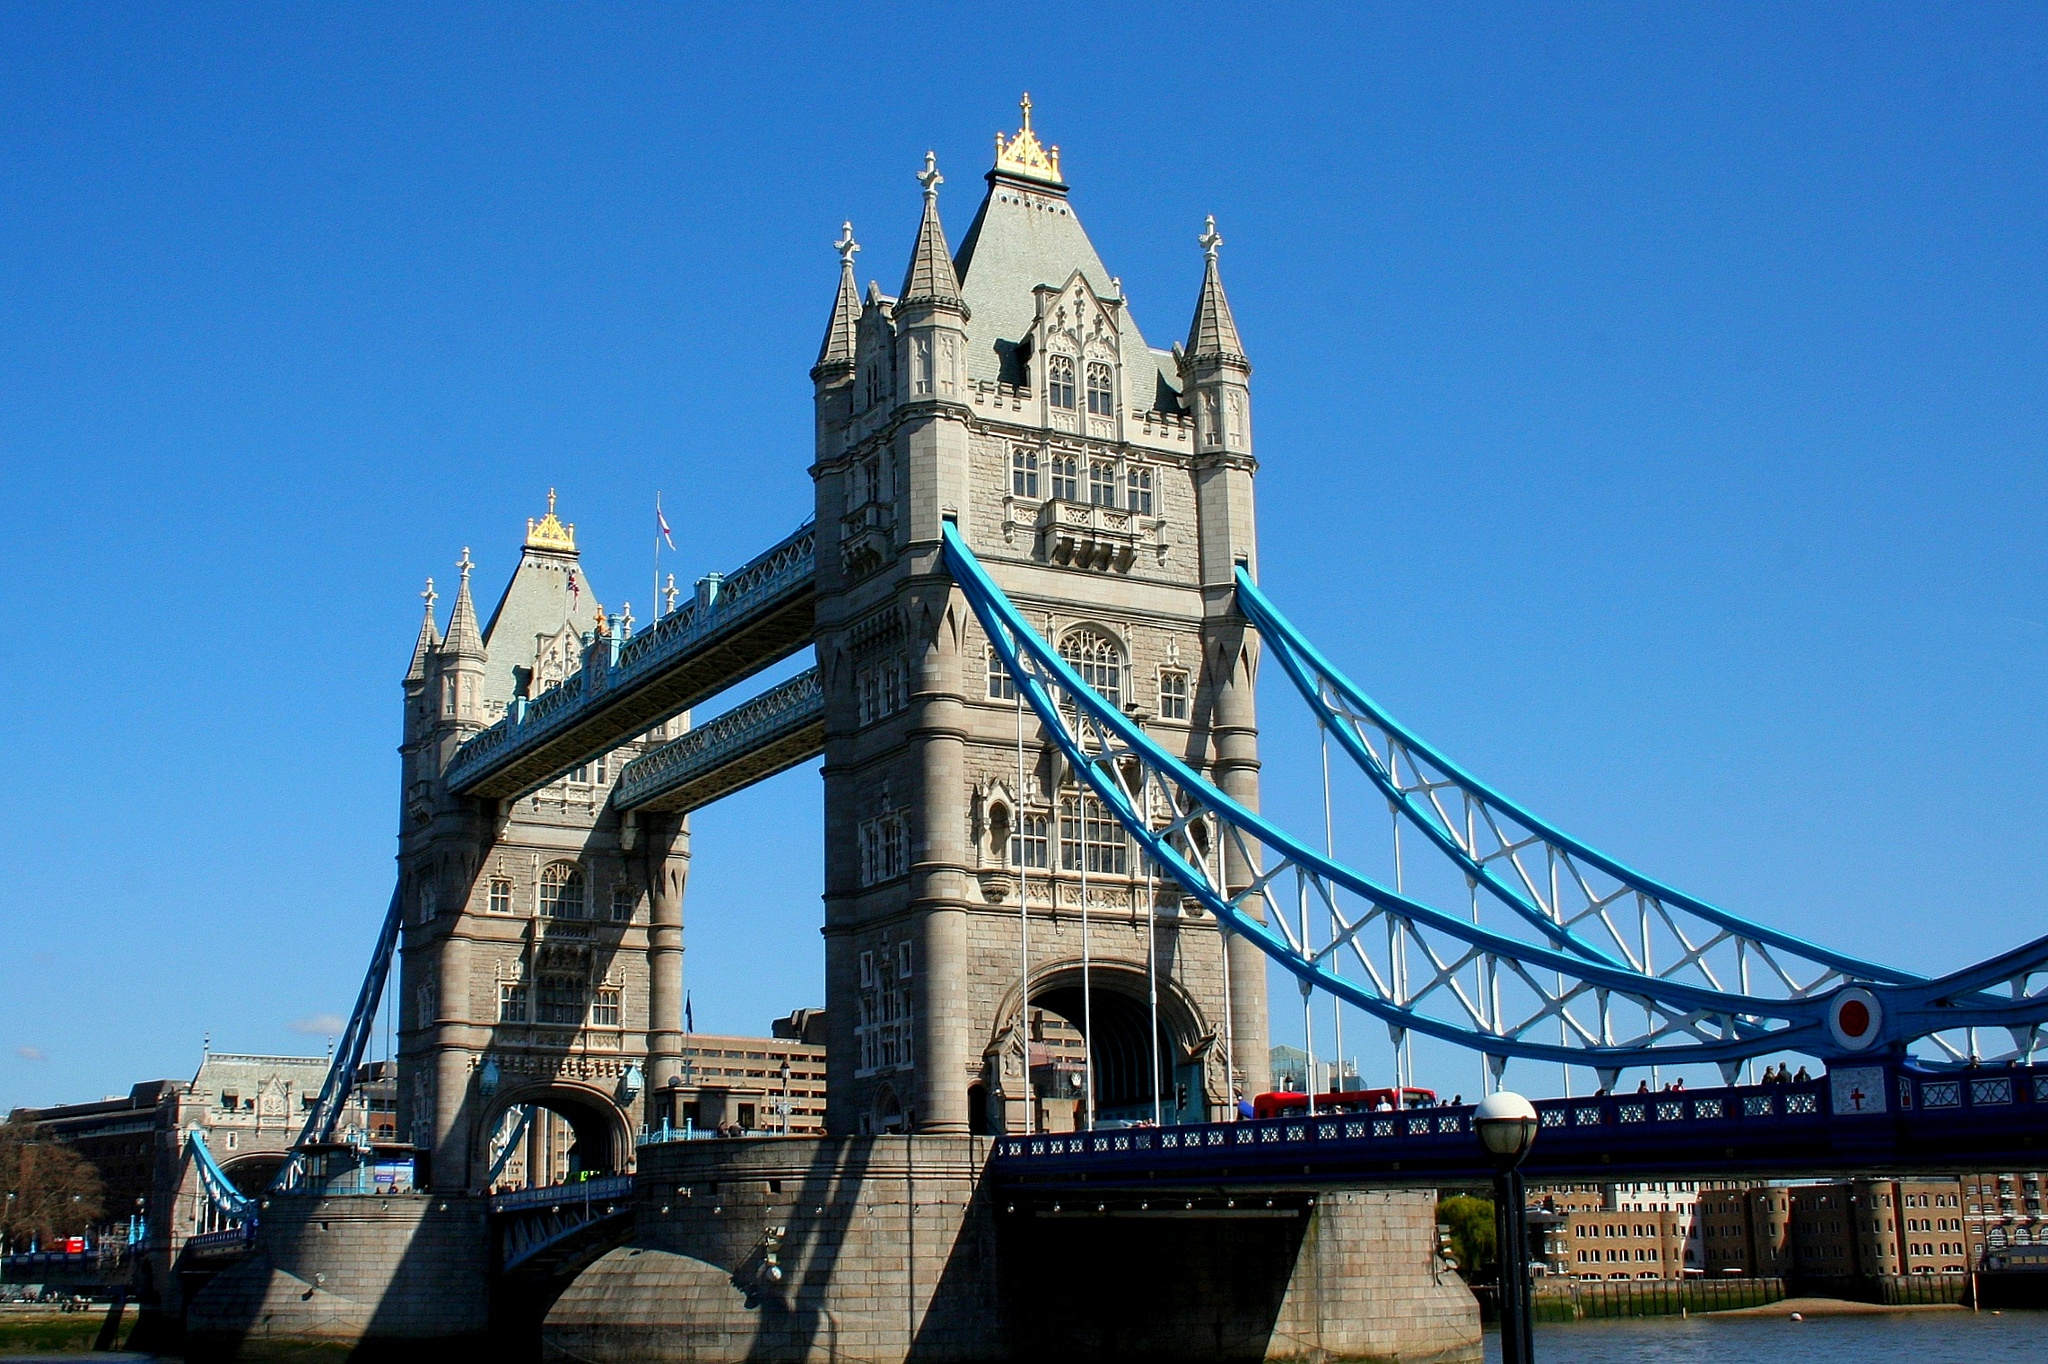 Tower Bridge, London by katze